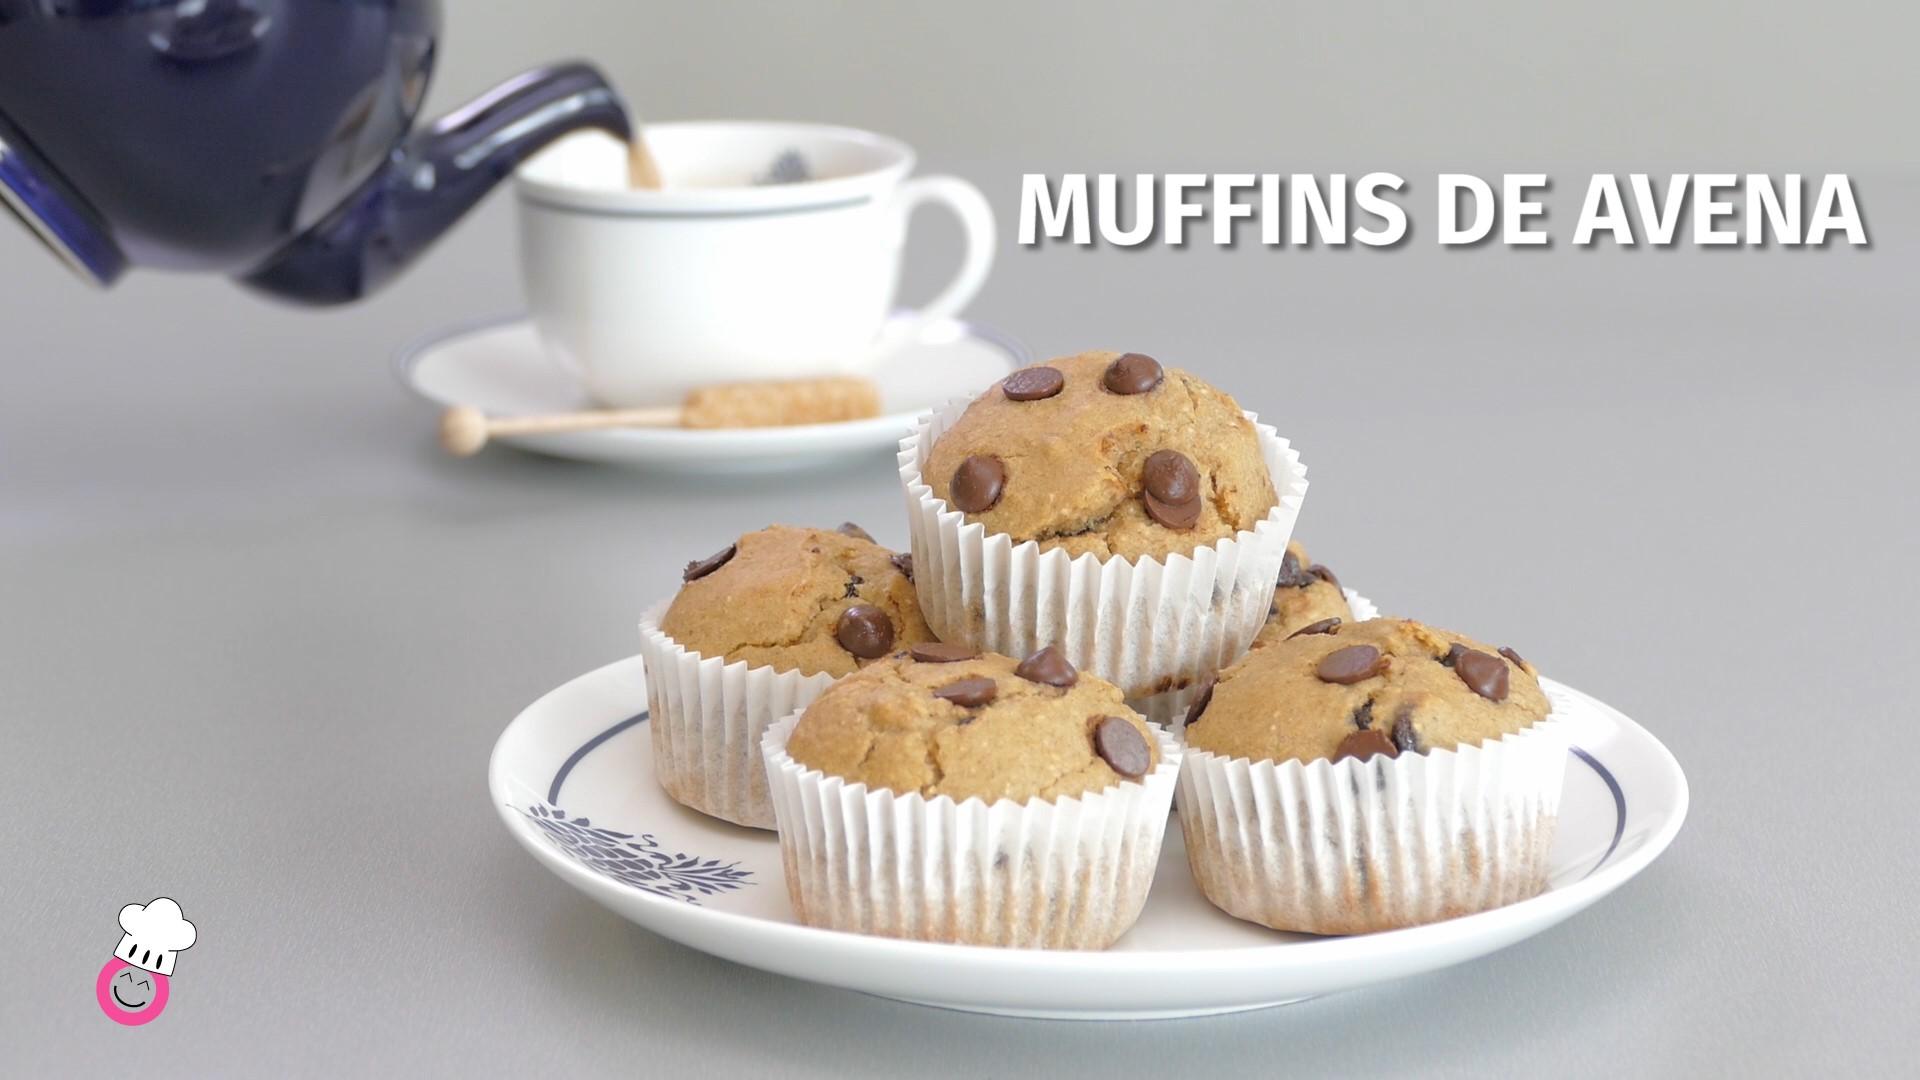 Muffins de avena sin gluten